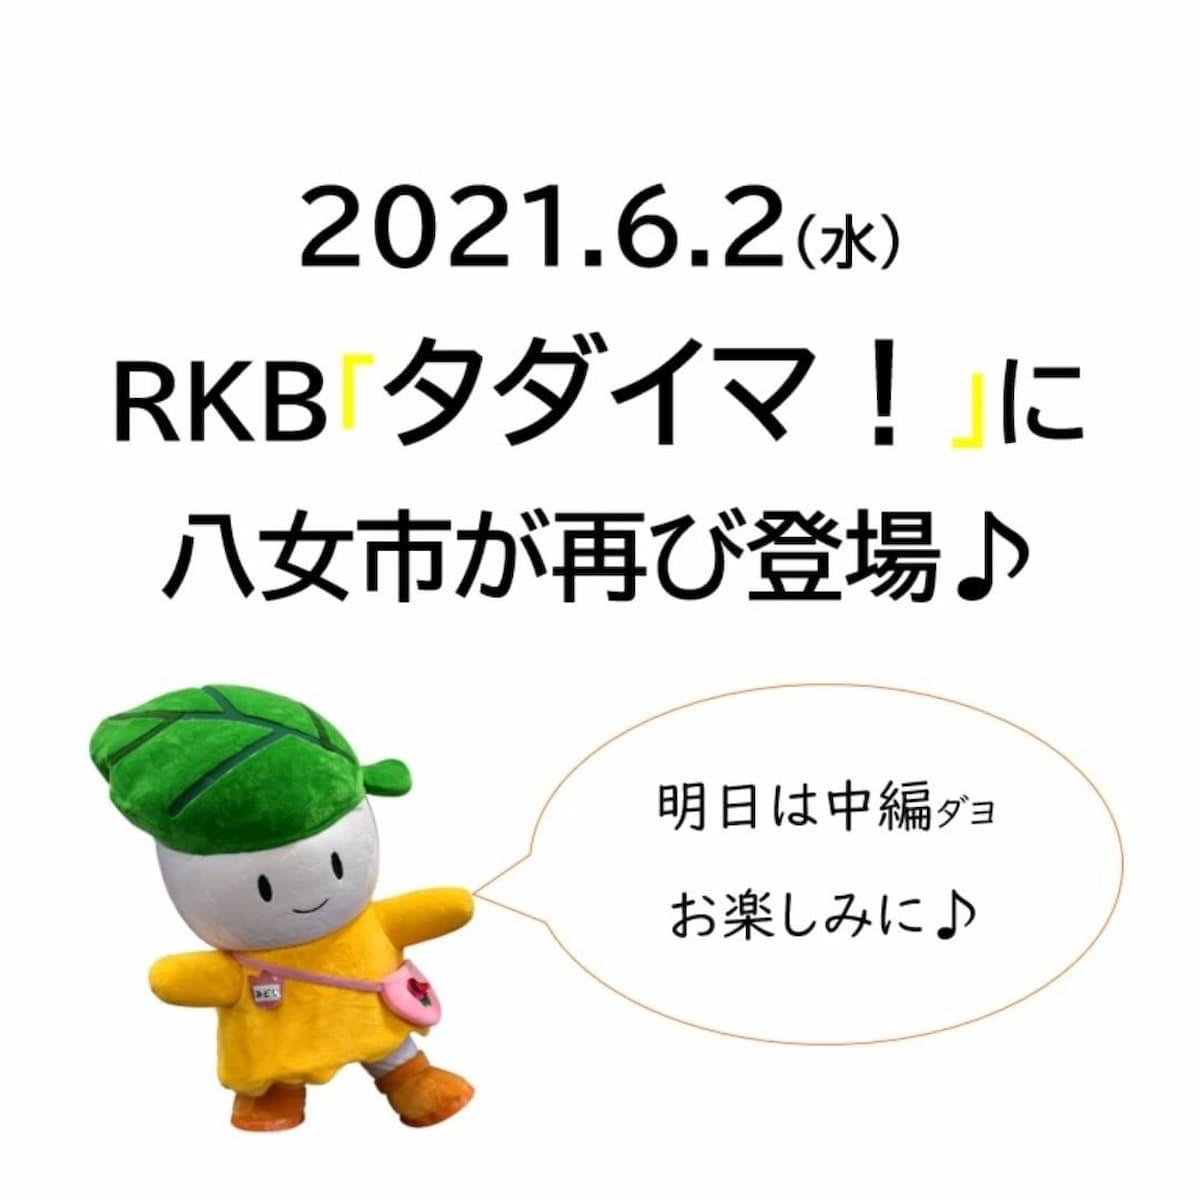 【本日放送】再び八女市が登場 RKB「タダイマ!」